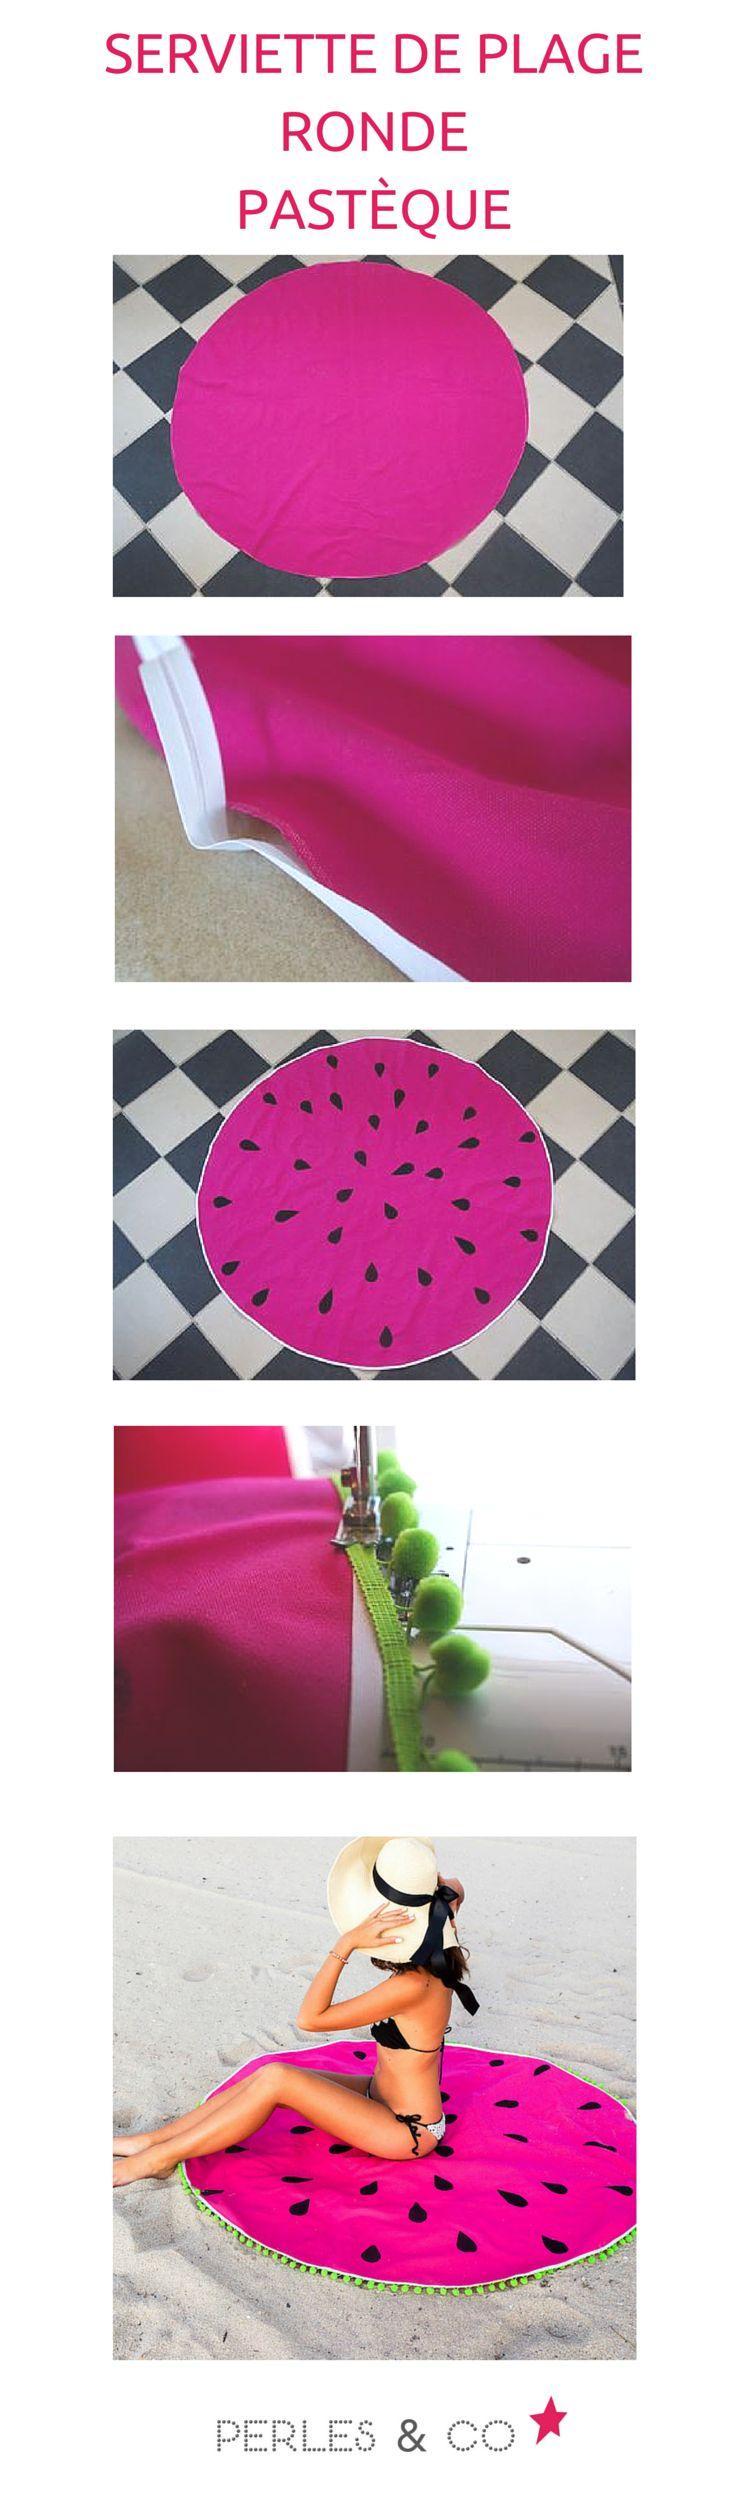 La serviette de plage ronde est la star de l'été. Retrouvez le tutoriel créé par la blogueuse Spring in Fialta sur le site Perles and Co https://www.perlesandco.com/Serviette_de_plage_DIY_ronde_pasteque_tissu_coton_epais-s-2616-23.html